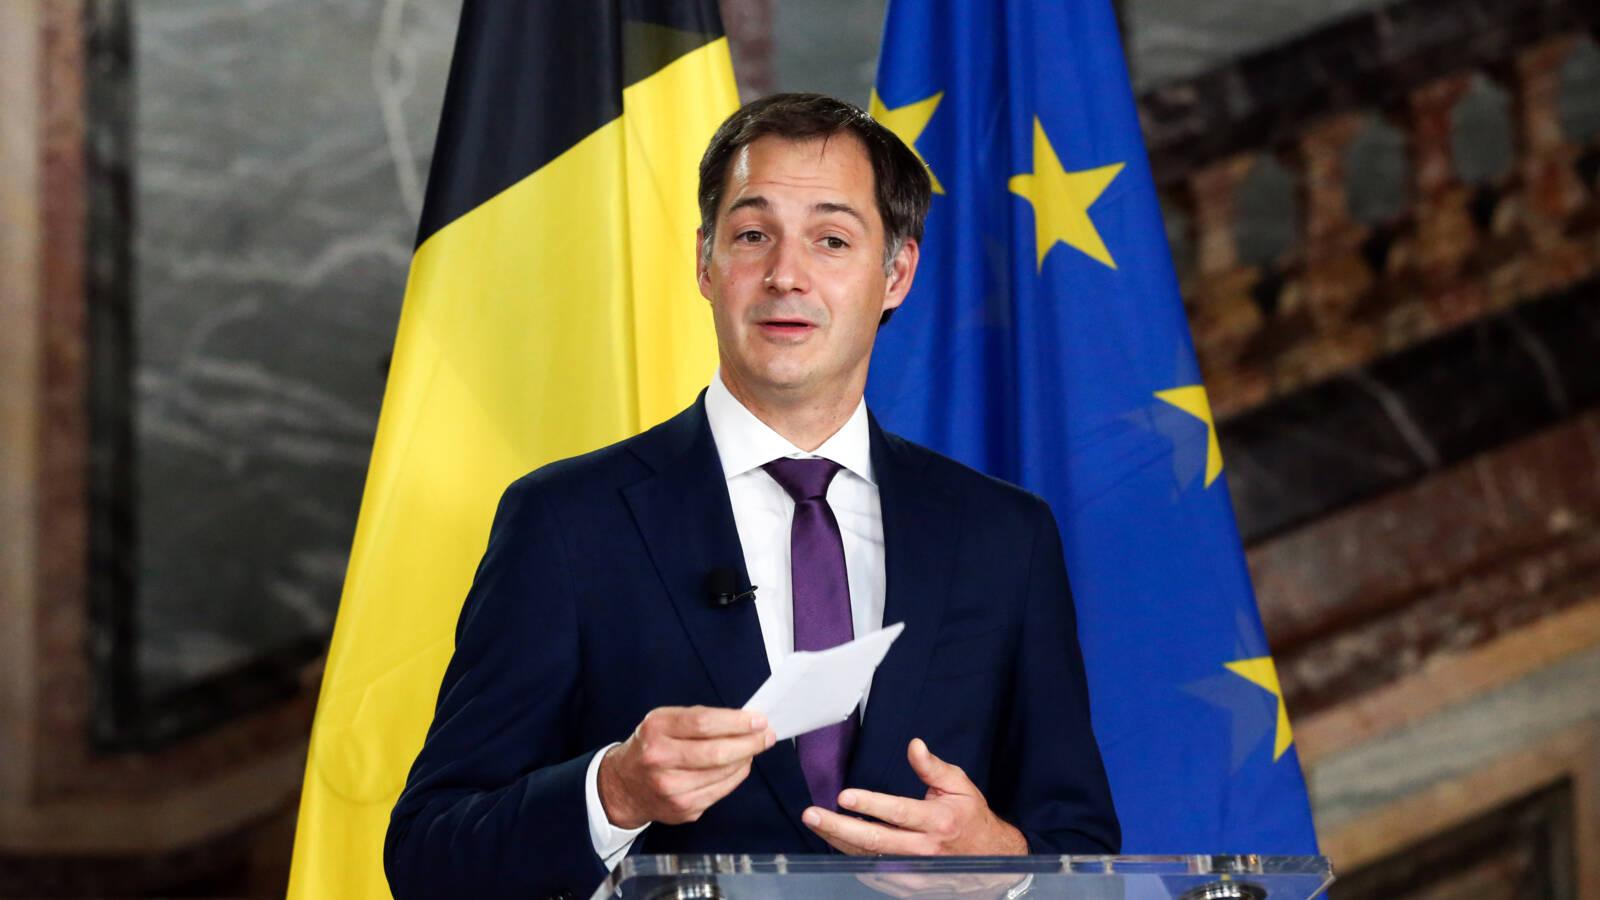 رئيس الوزراء البلجيكى يعلن تشديد الإجراءات لوقف ارتفاع حالات الإصابة بكورونا